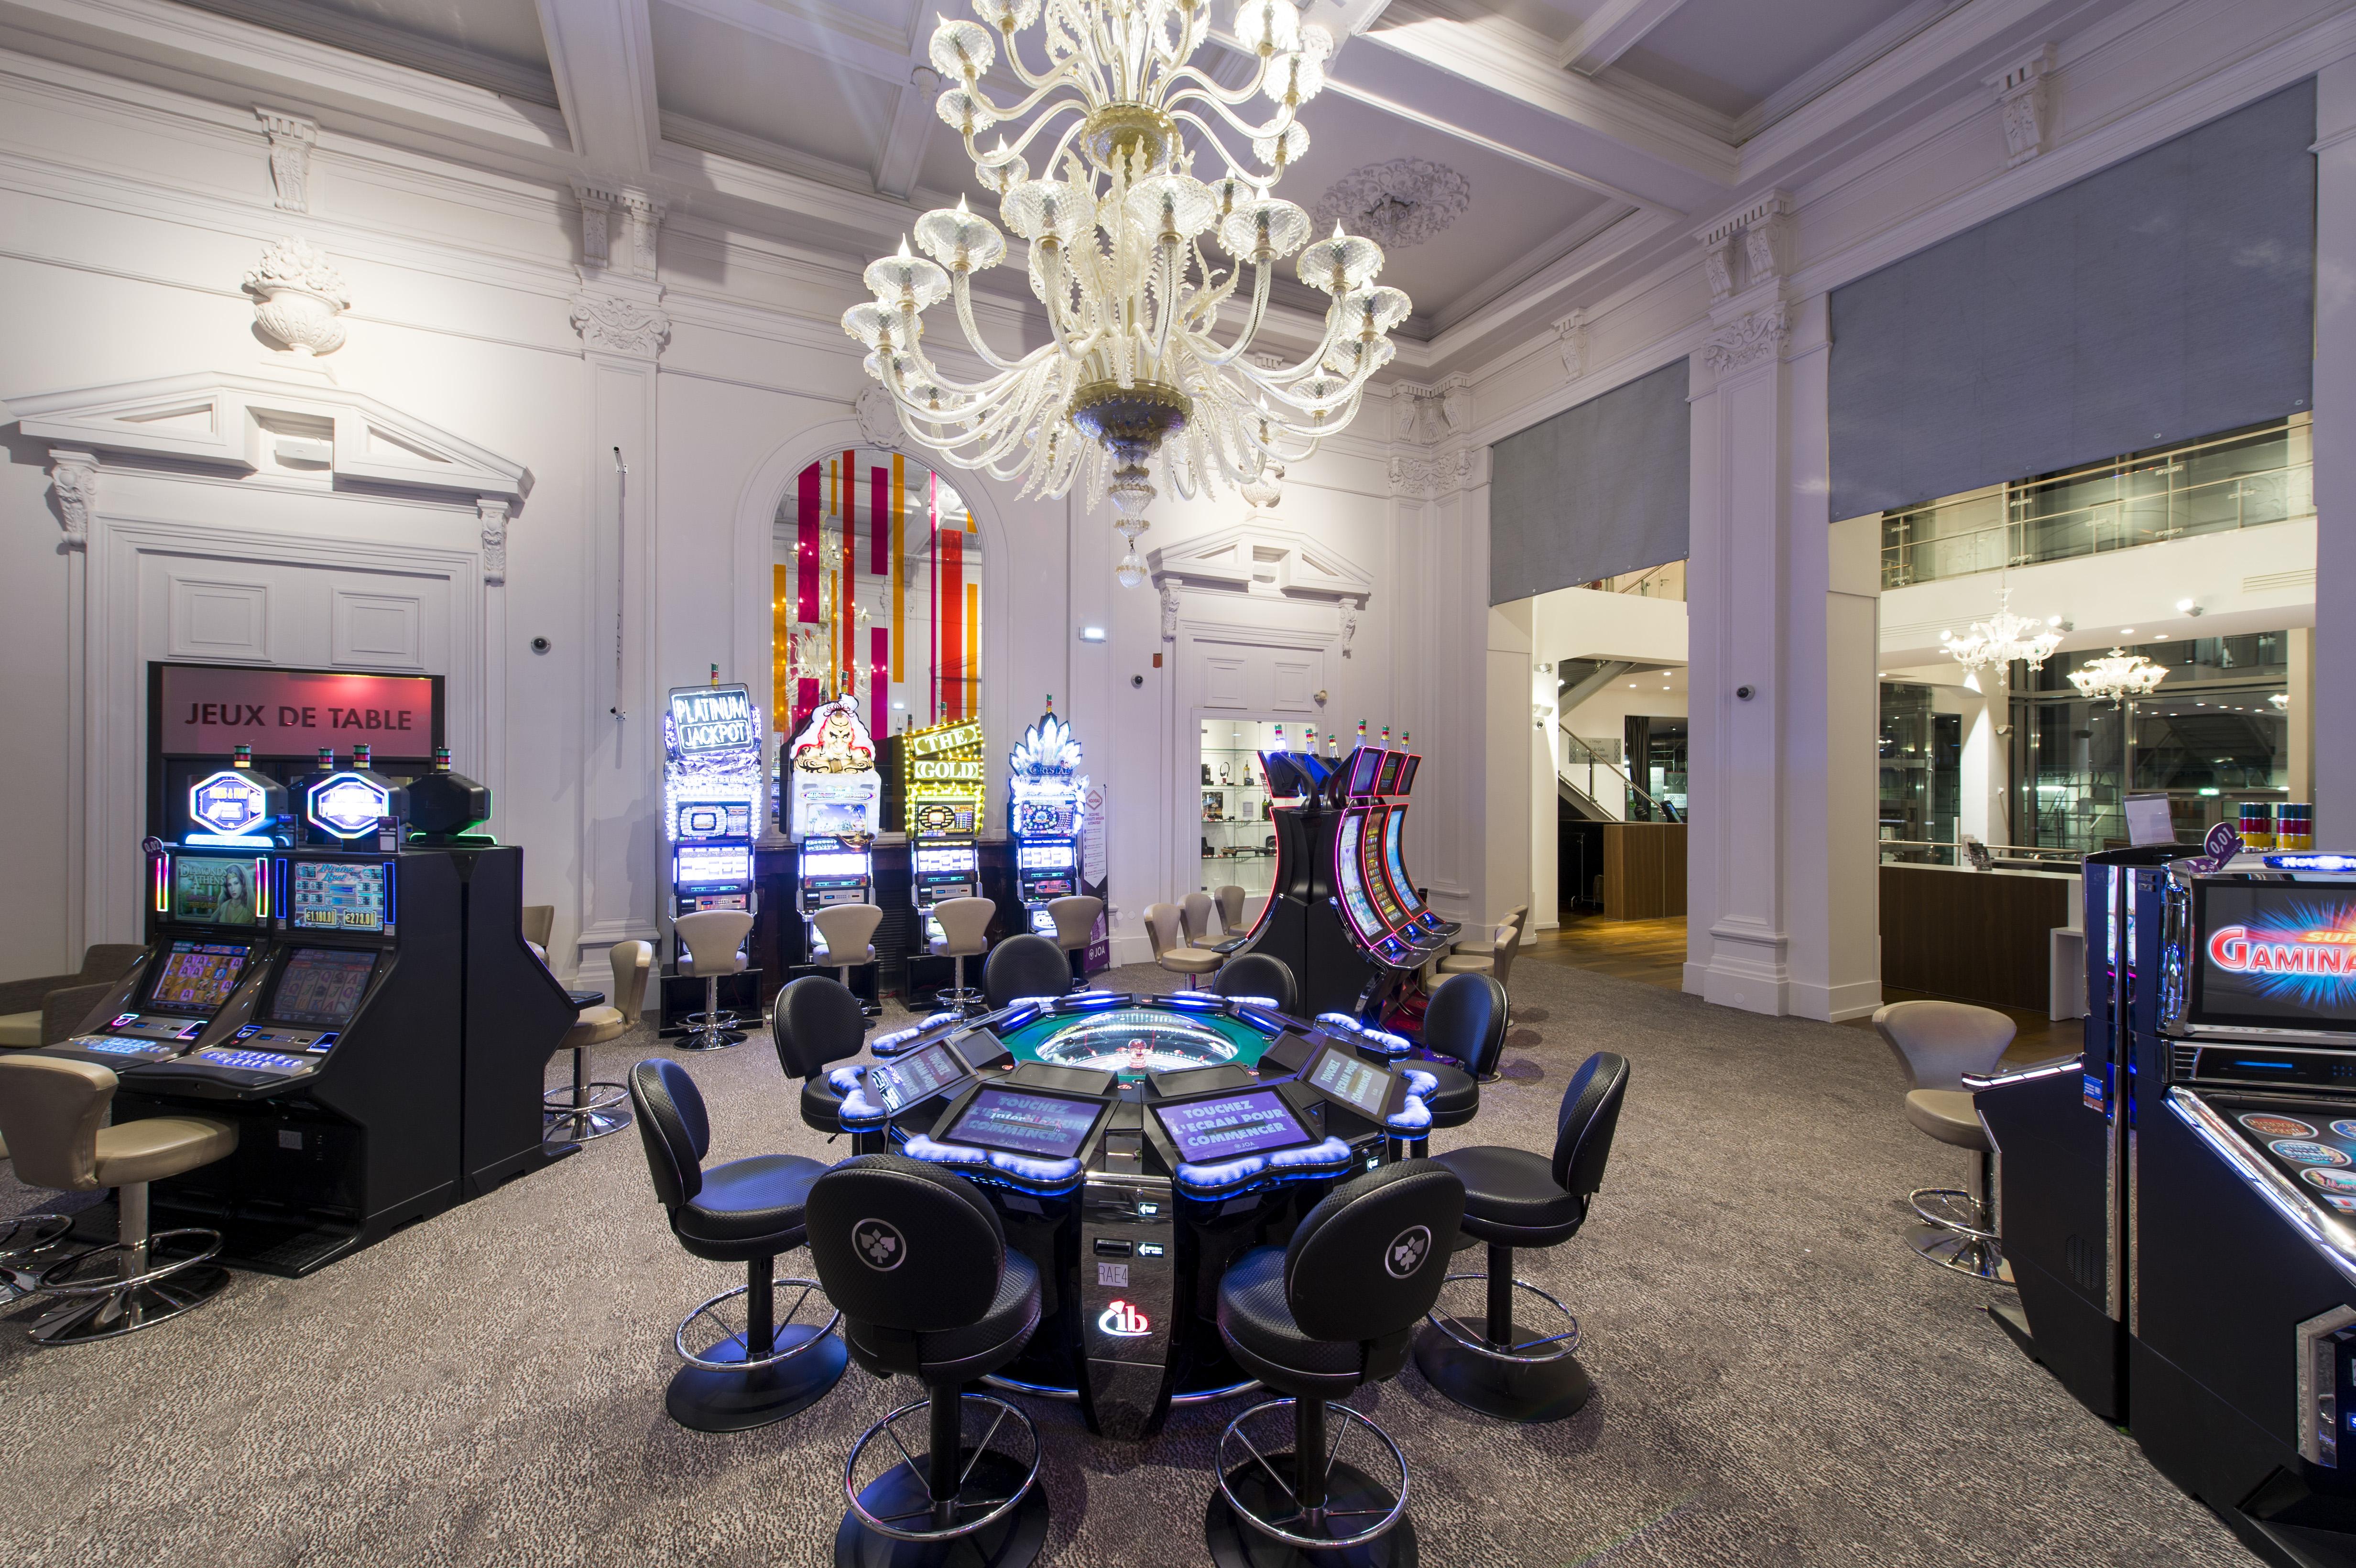 Resto casino uriage slot car forums